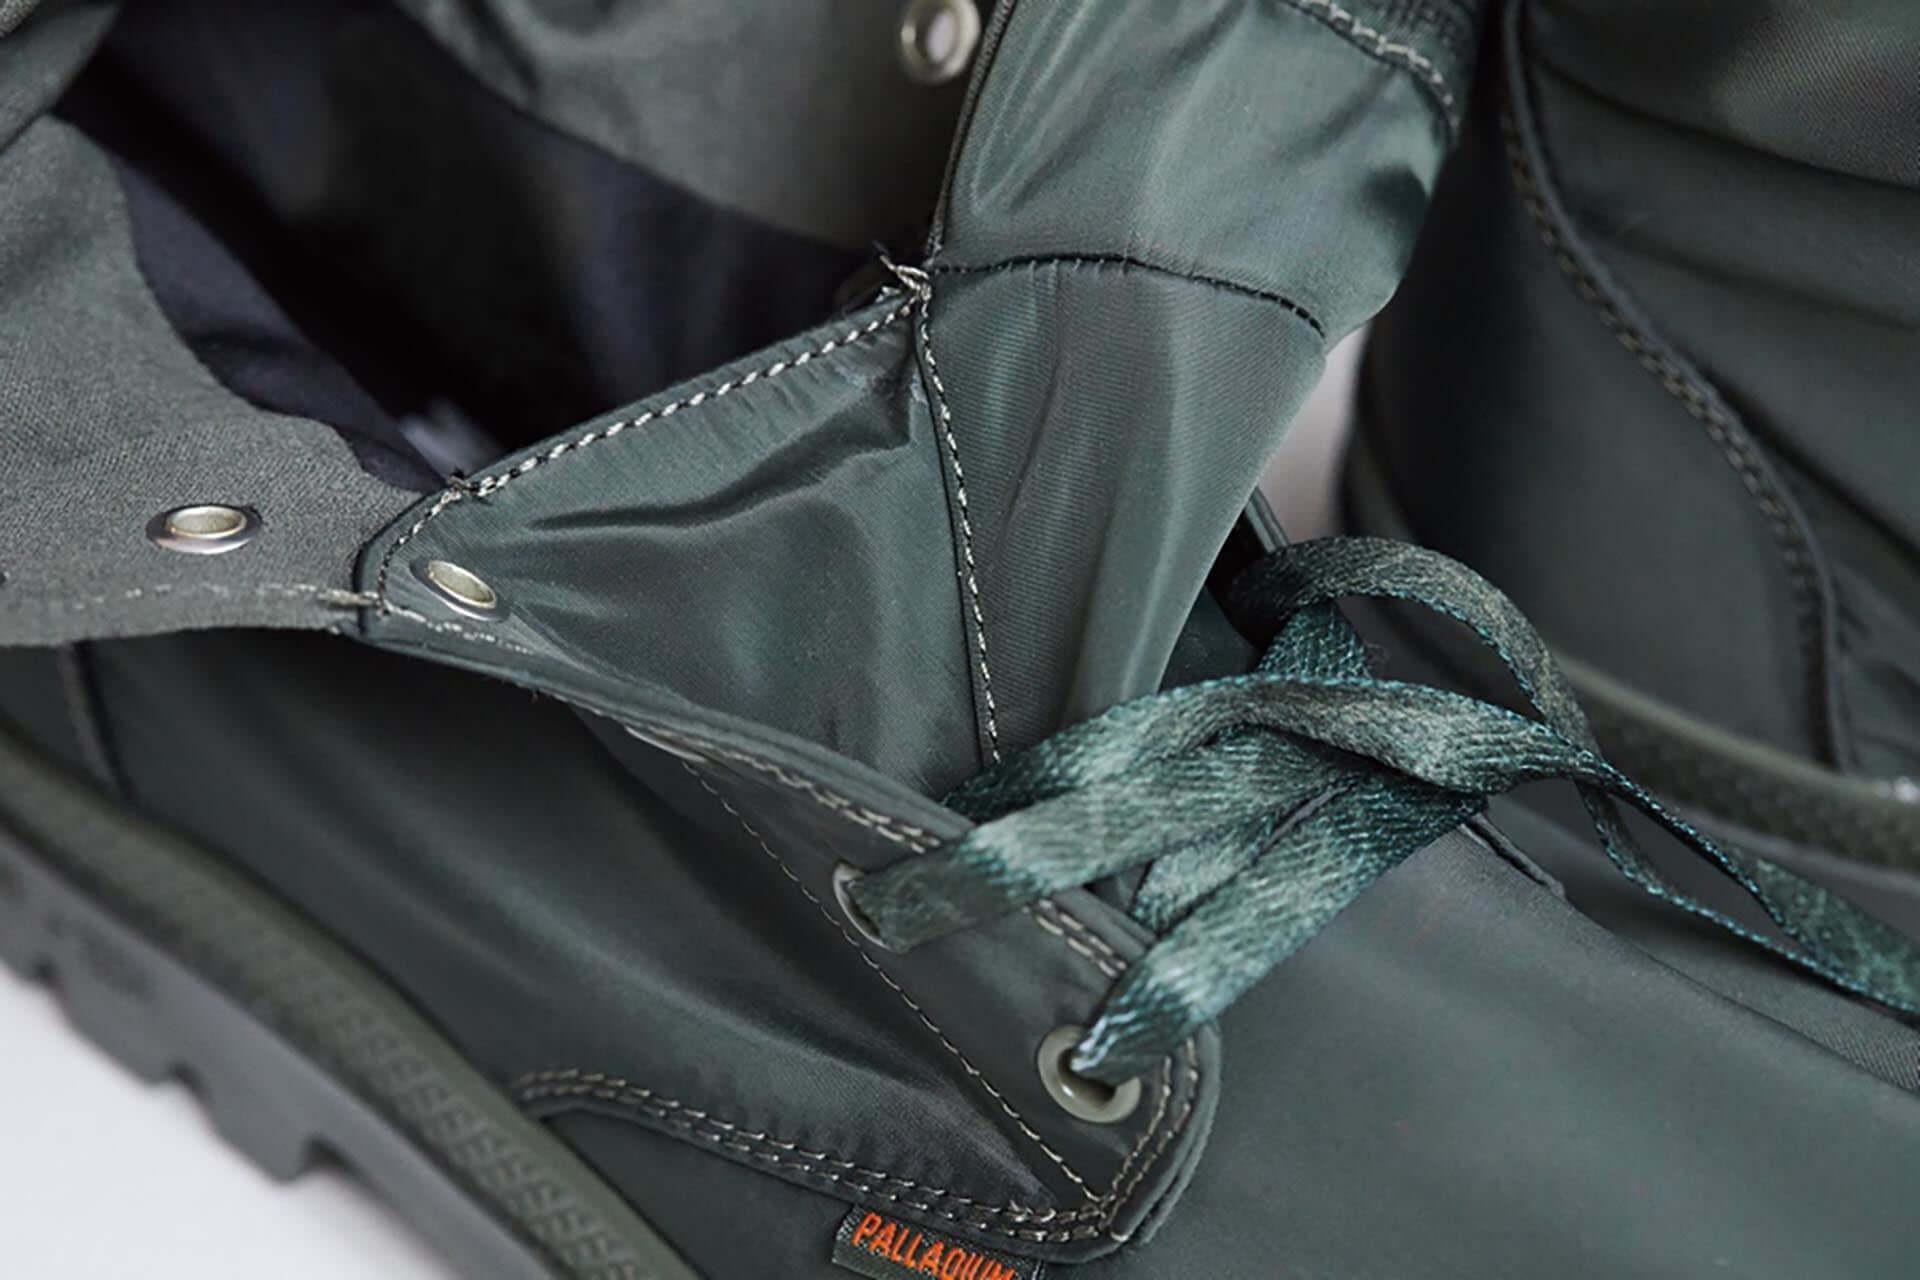 PALLADIUMのパドルプラスとパラボスプラス、仕事に履いていくならどっち? 快適さとファッション性を徹底比較 palladium_12-1920x1280